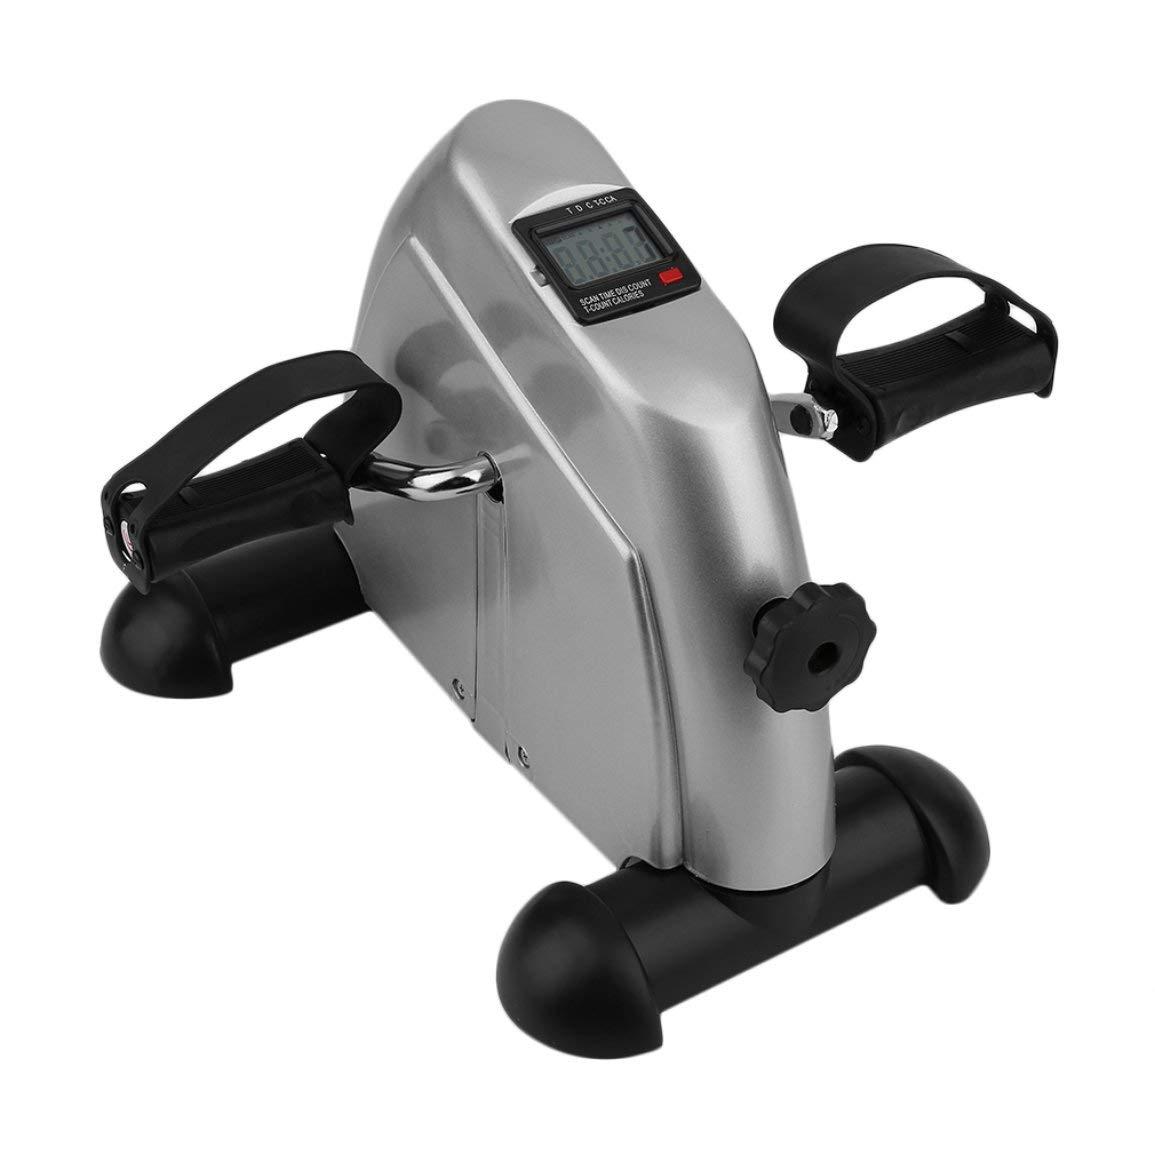 Compra calidad 100% autentica Reducción de precio Fantasyworld Inicio ejercitador Baño Baño Baño Turco Mini Pedal de Bicicleta de Ejercicios Pantalla LCD Cubierta Bici de Paso a Paso para la Edad y jóvenes  hasta 42% de descuento